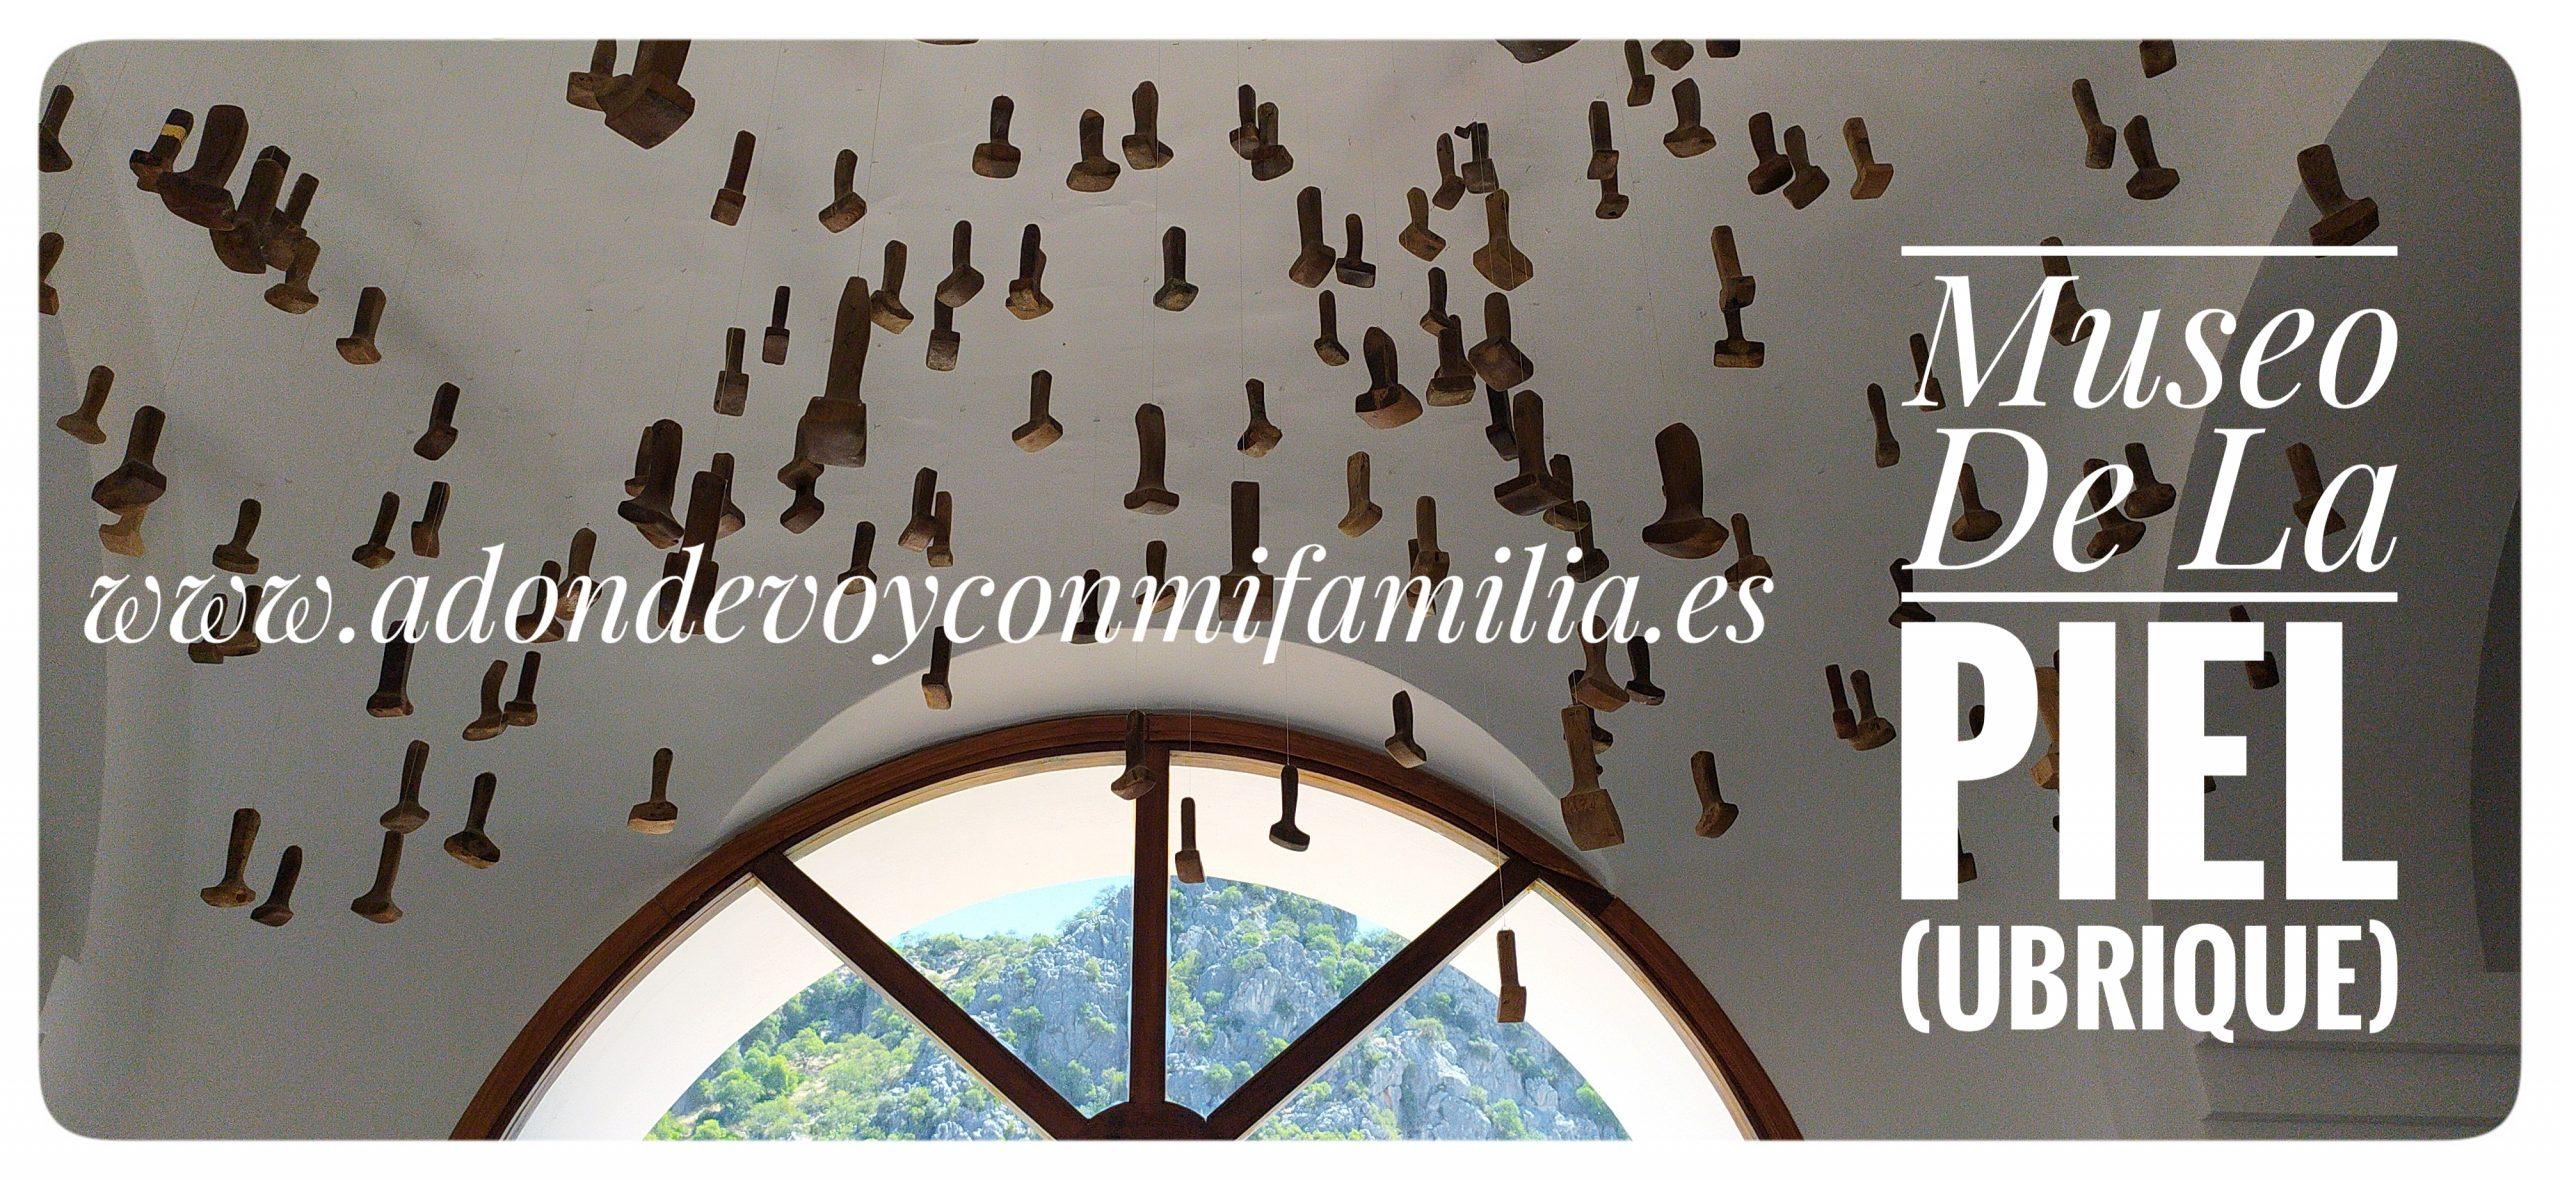 museo de la piel ubrique adondevoyconmifamilia (1)